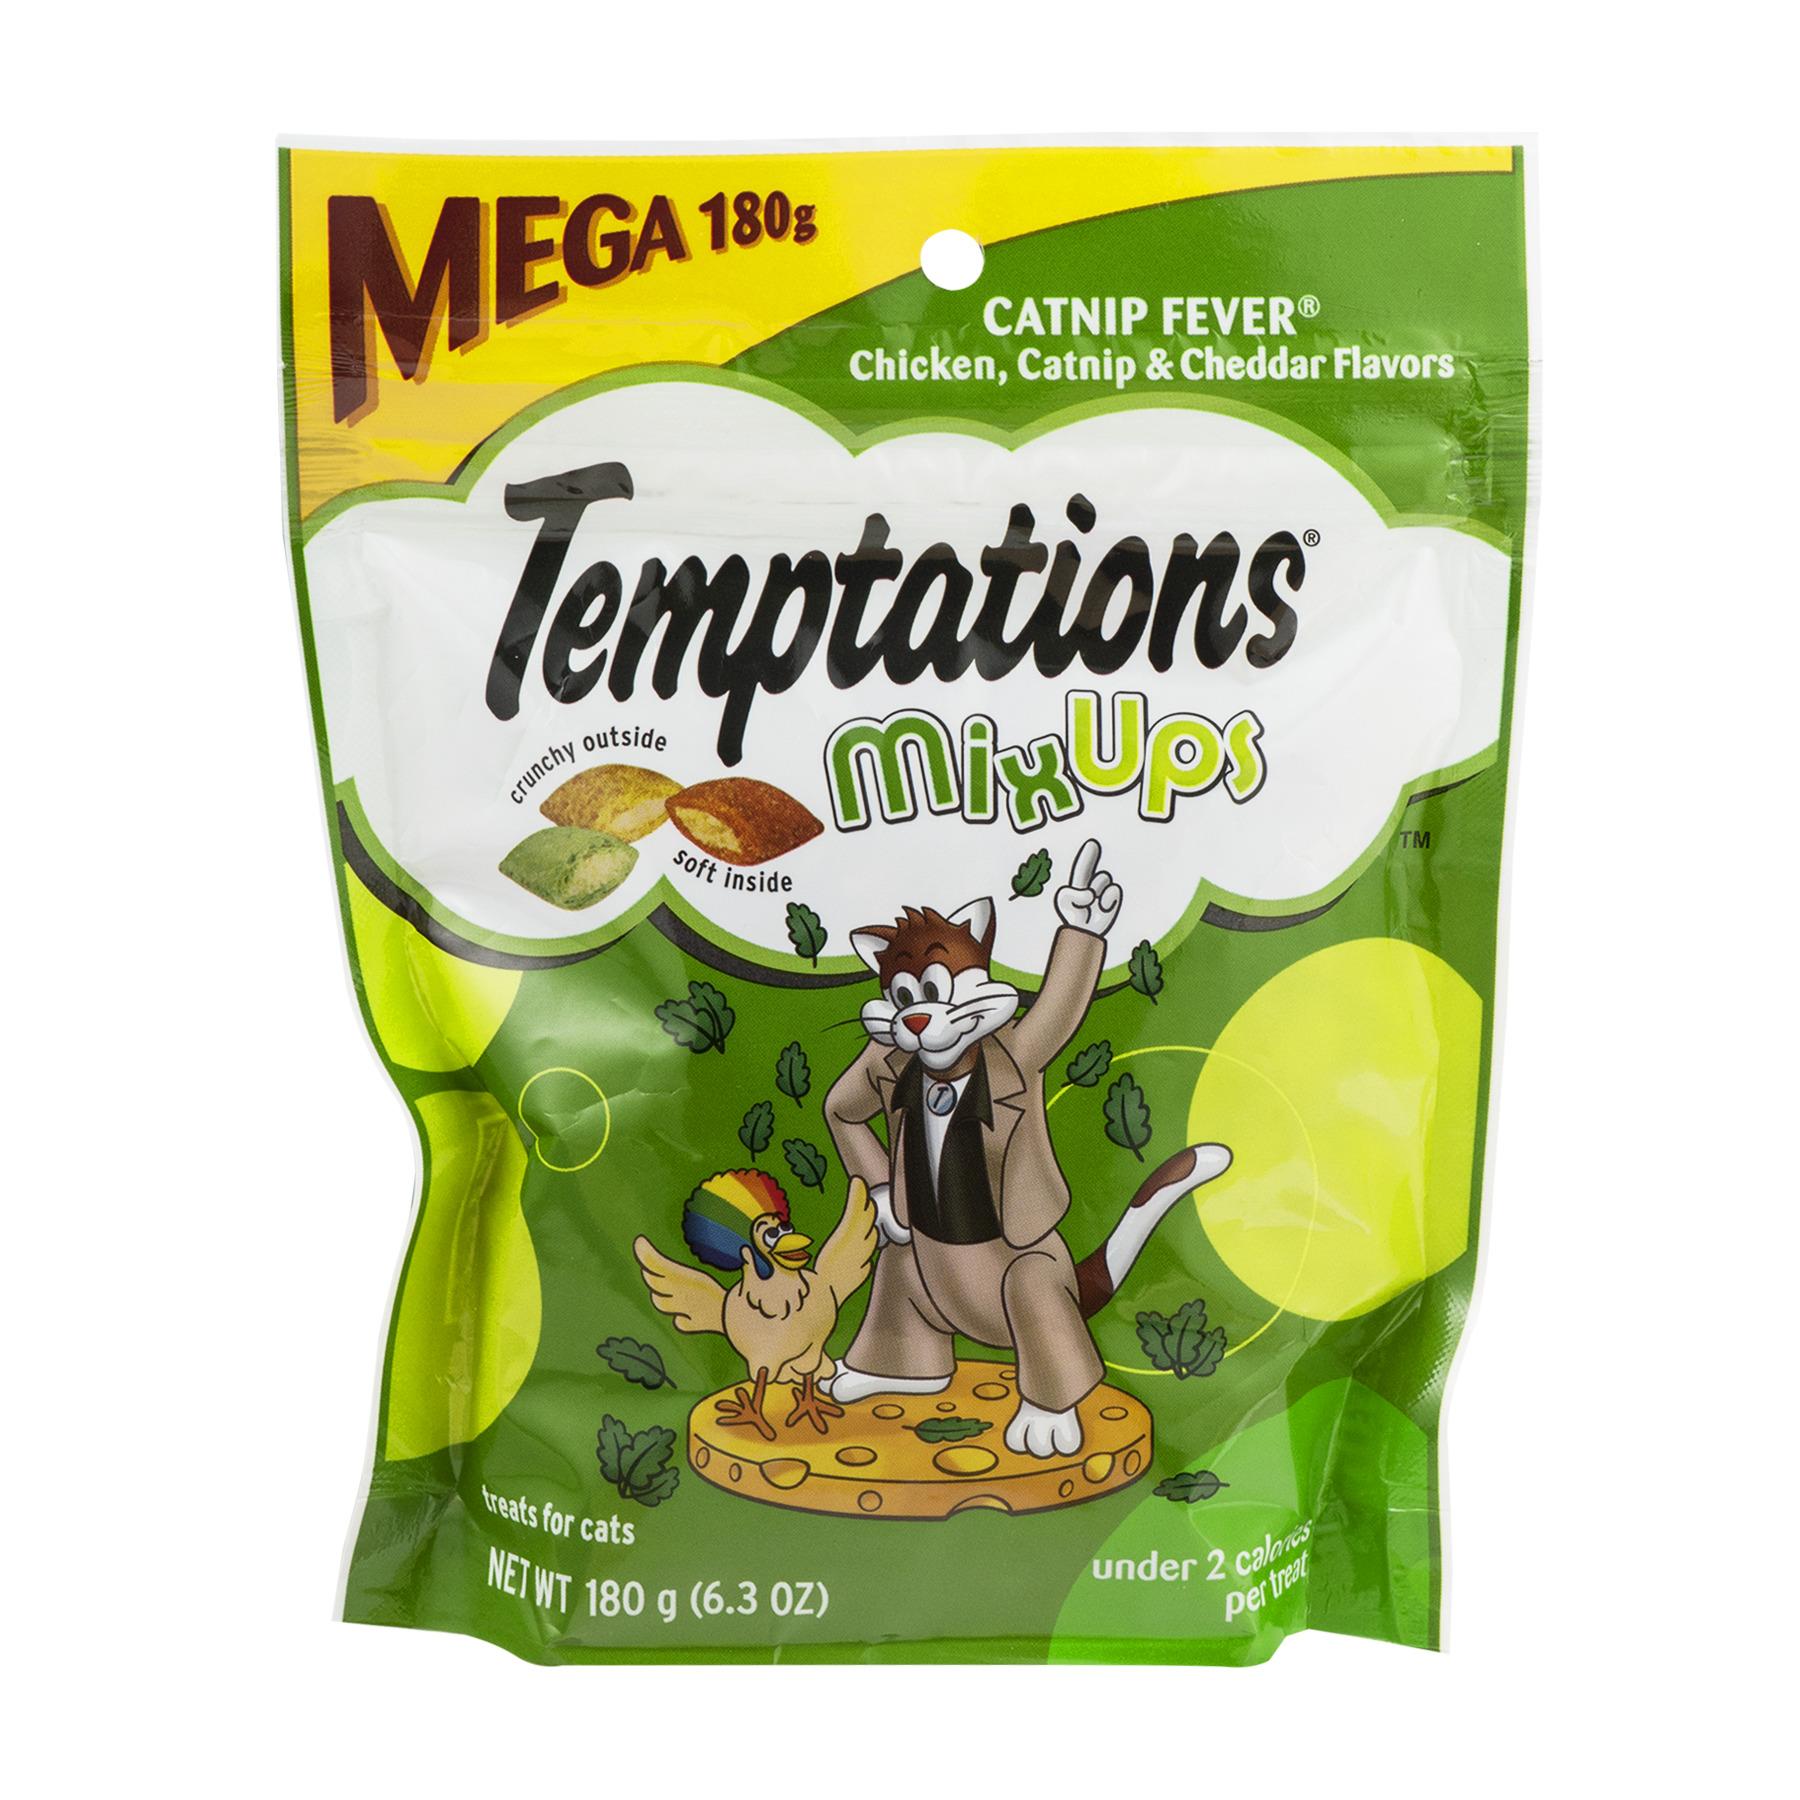 TEMPTATIONS MixUps CATNIP FEVER Flavor Cat Treats, 6.3 Oz.